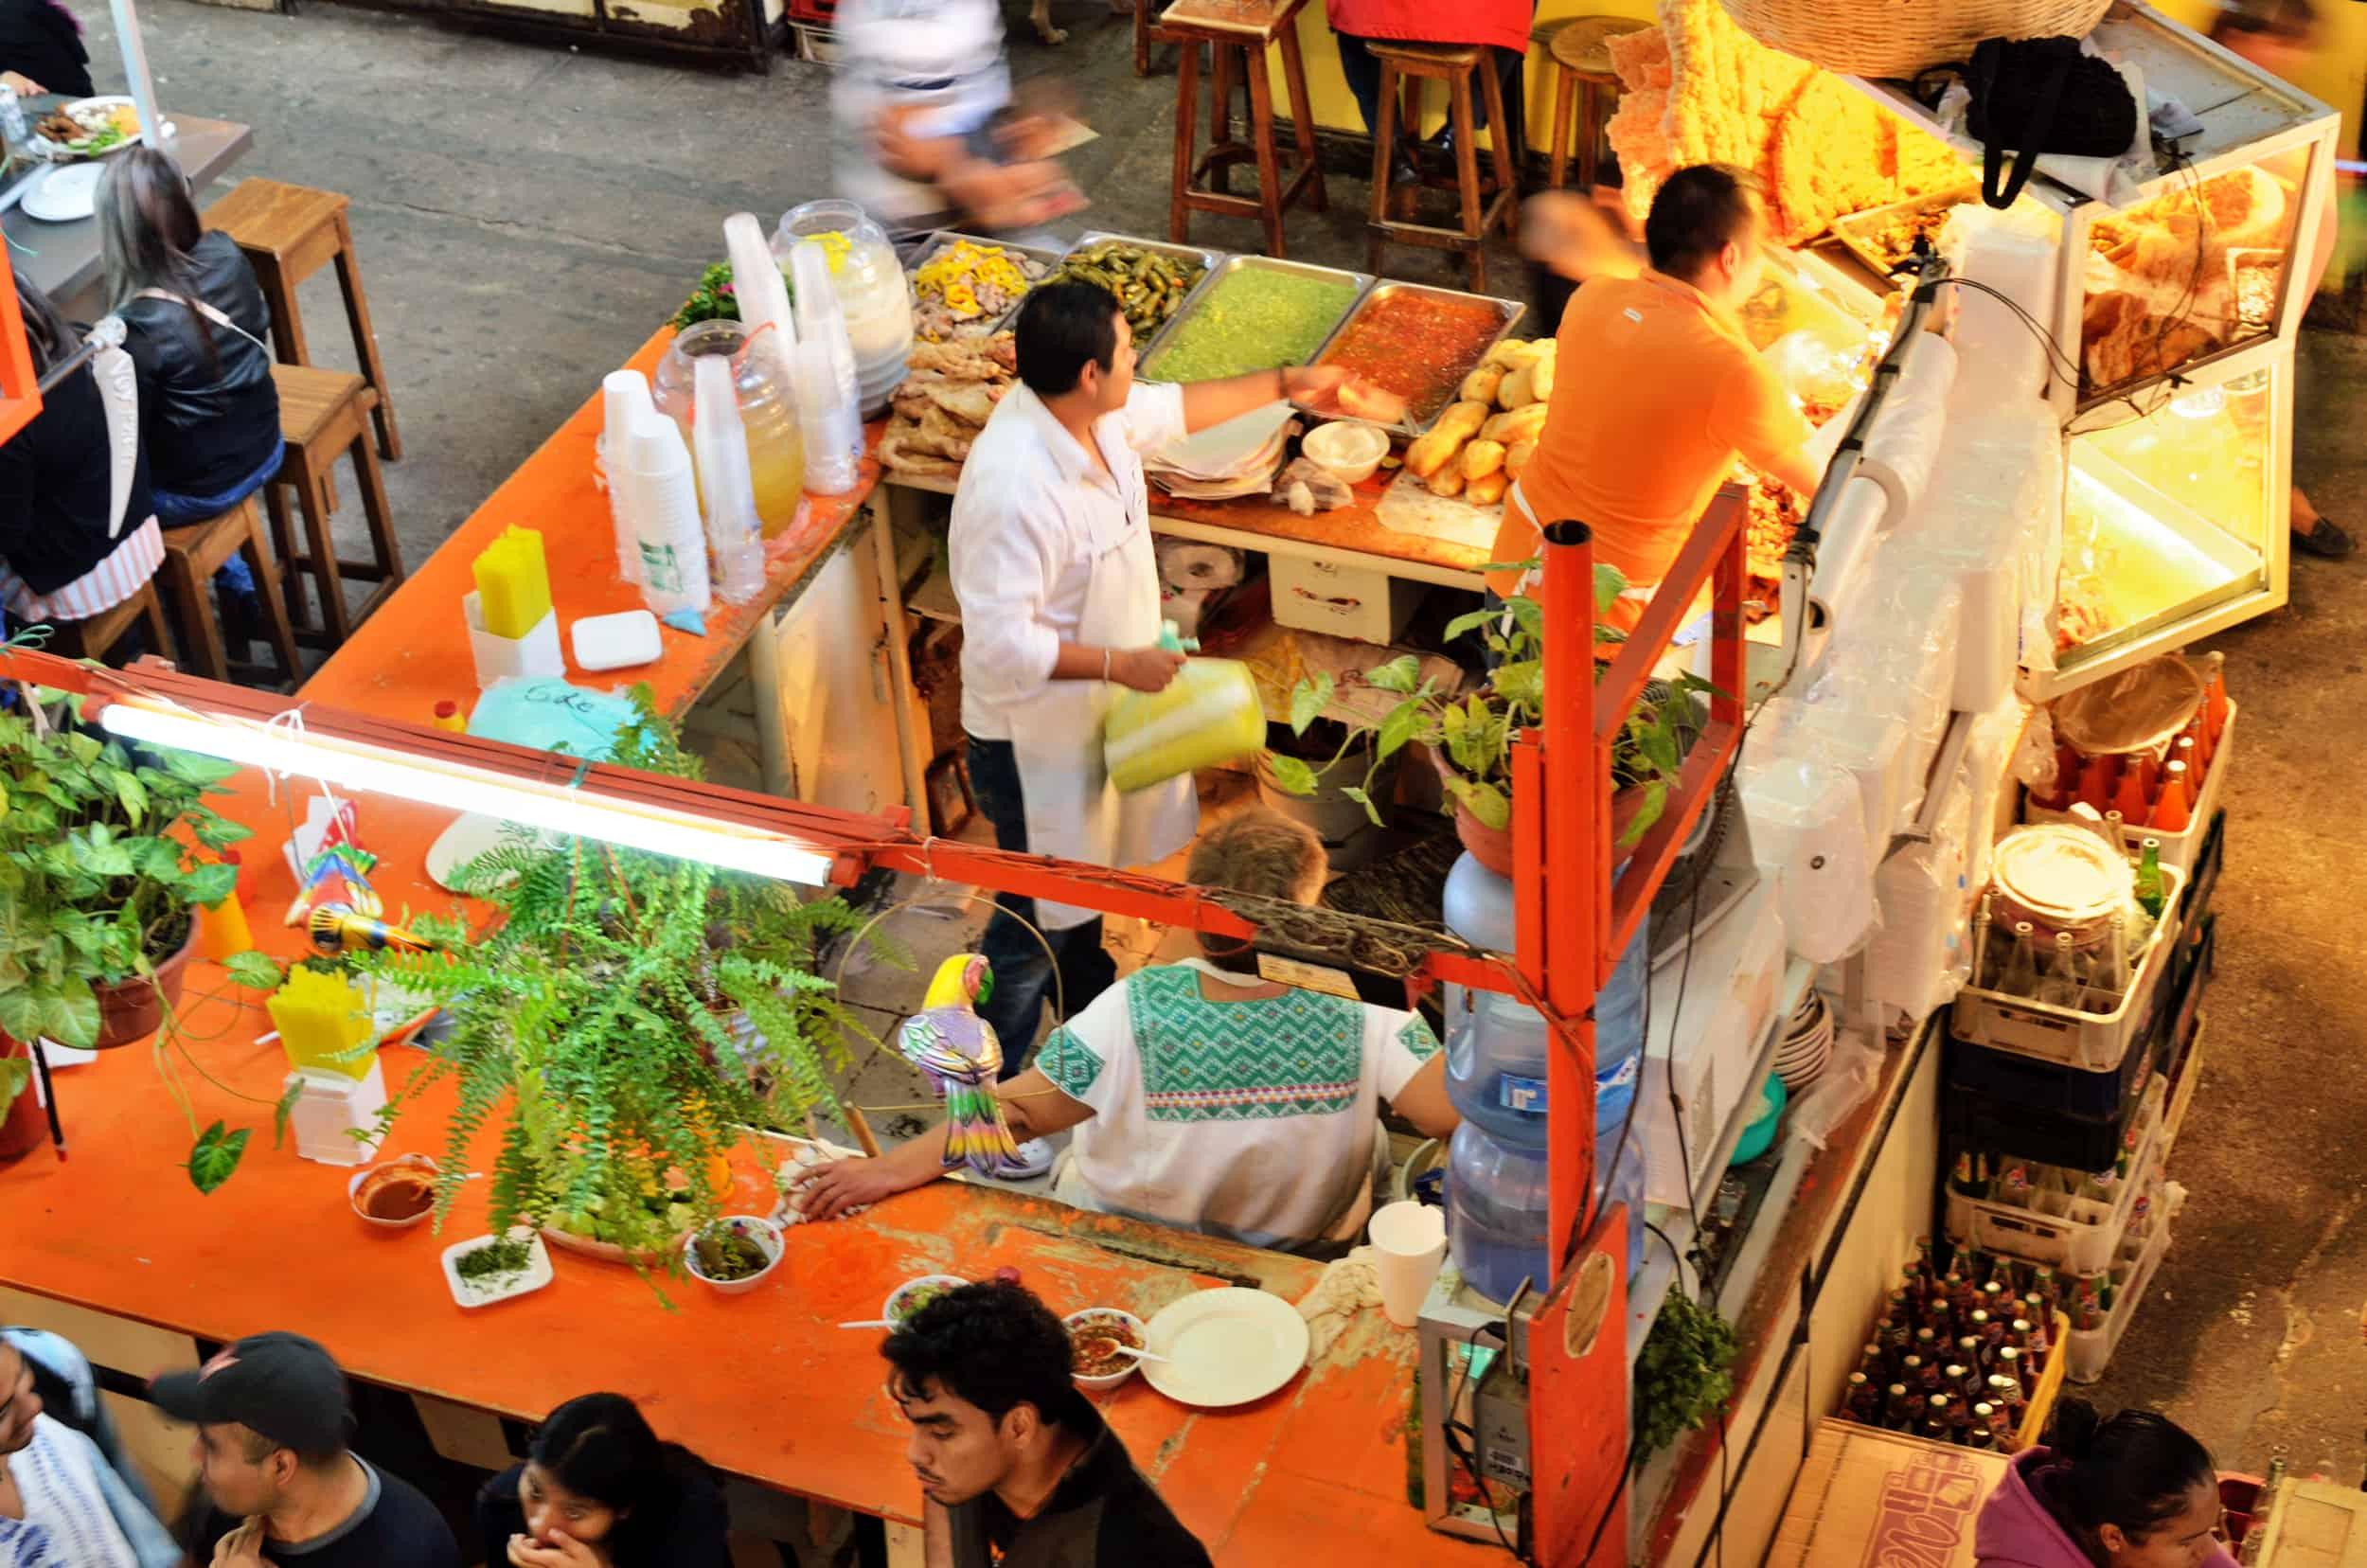 Mercados tradicionales en la CDMX. Imagen. Net 1